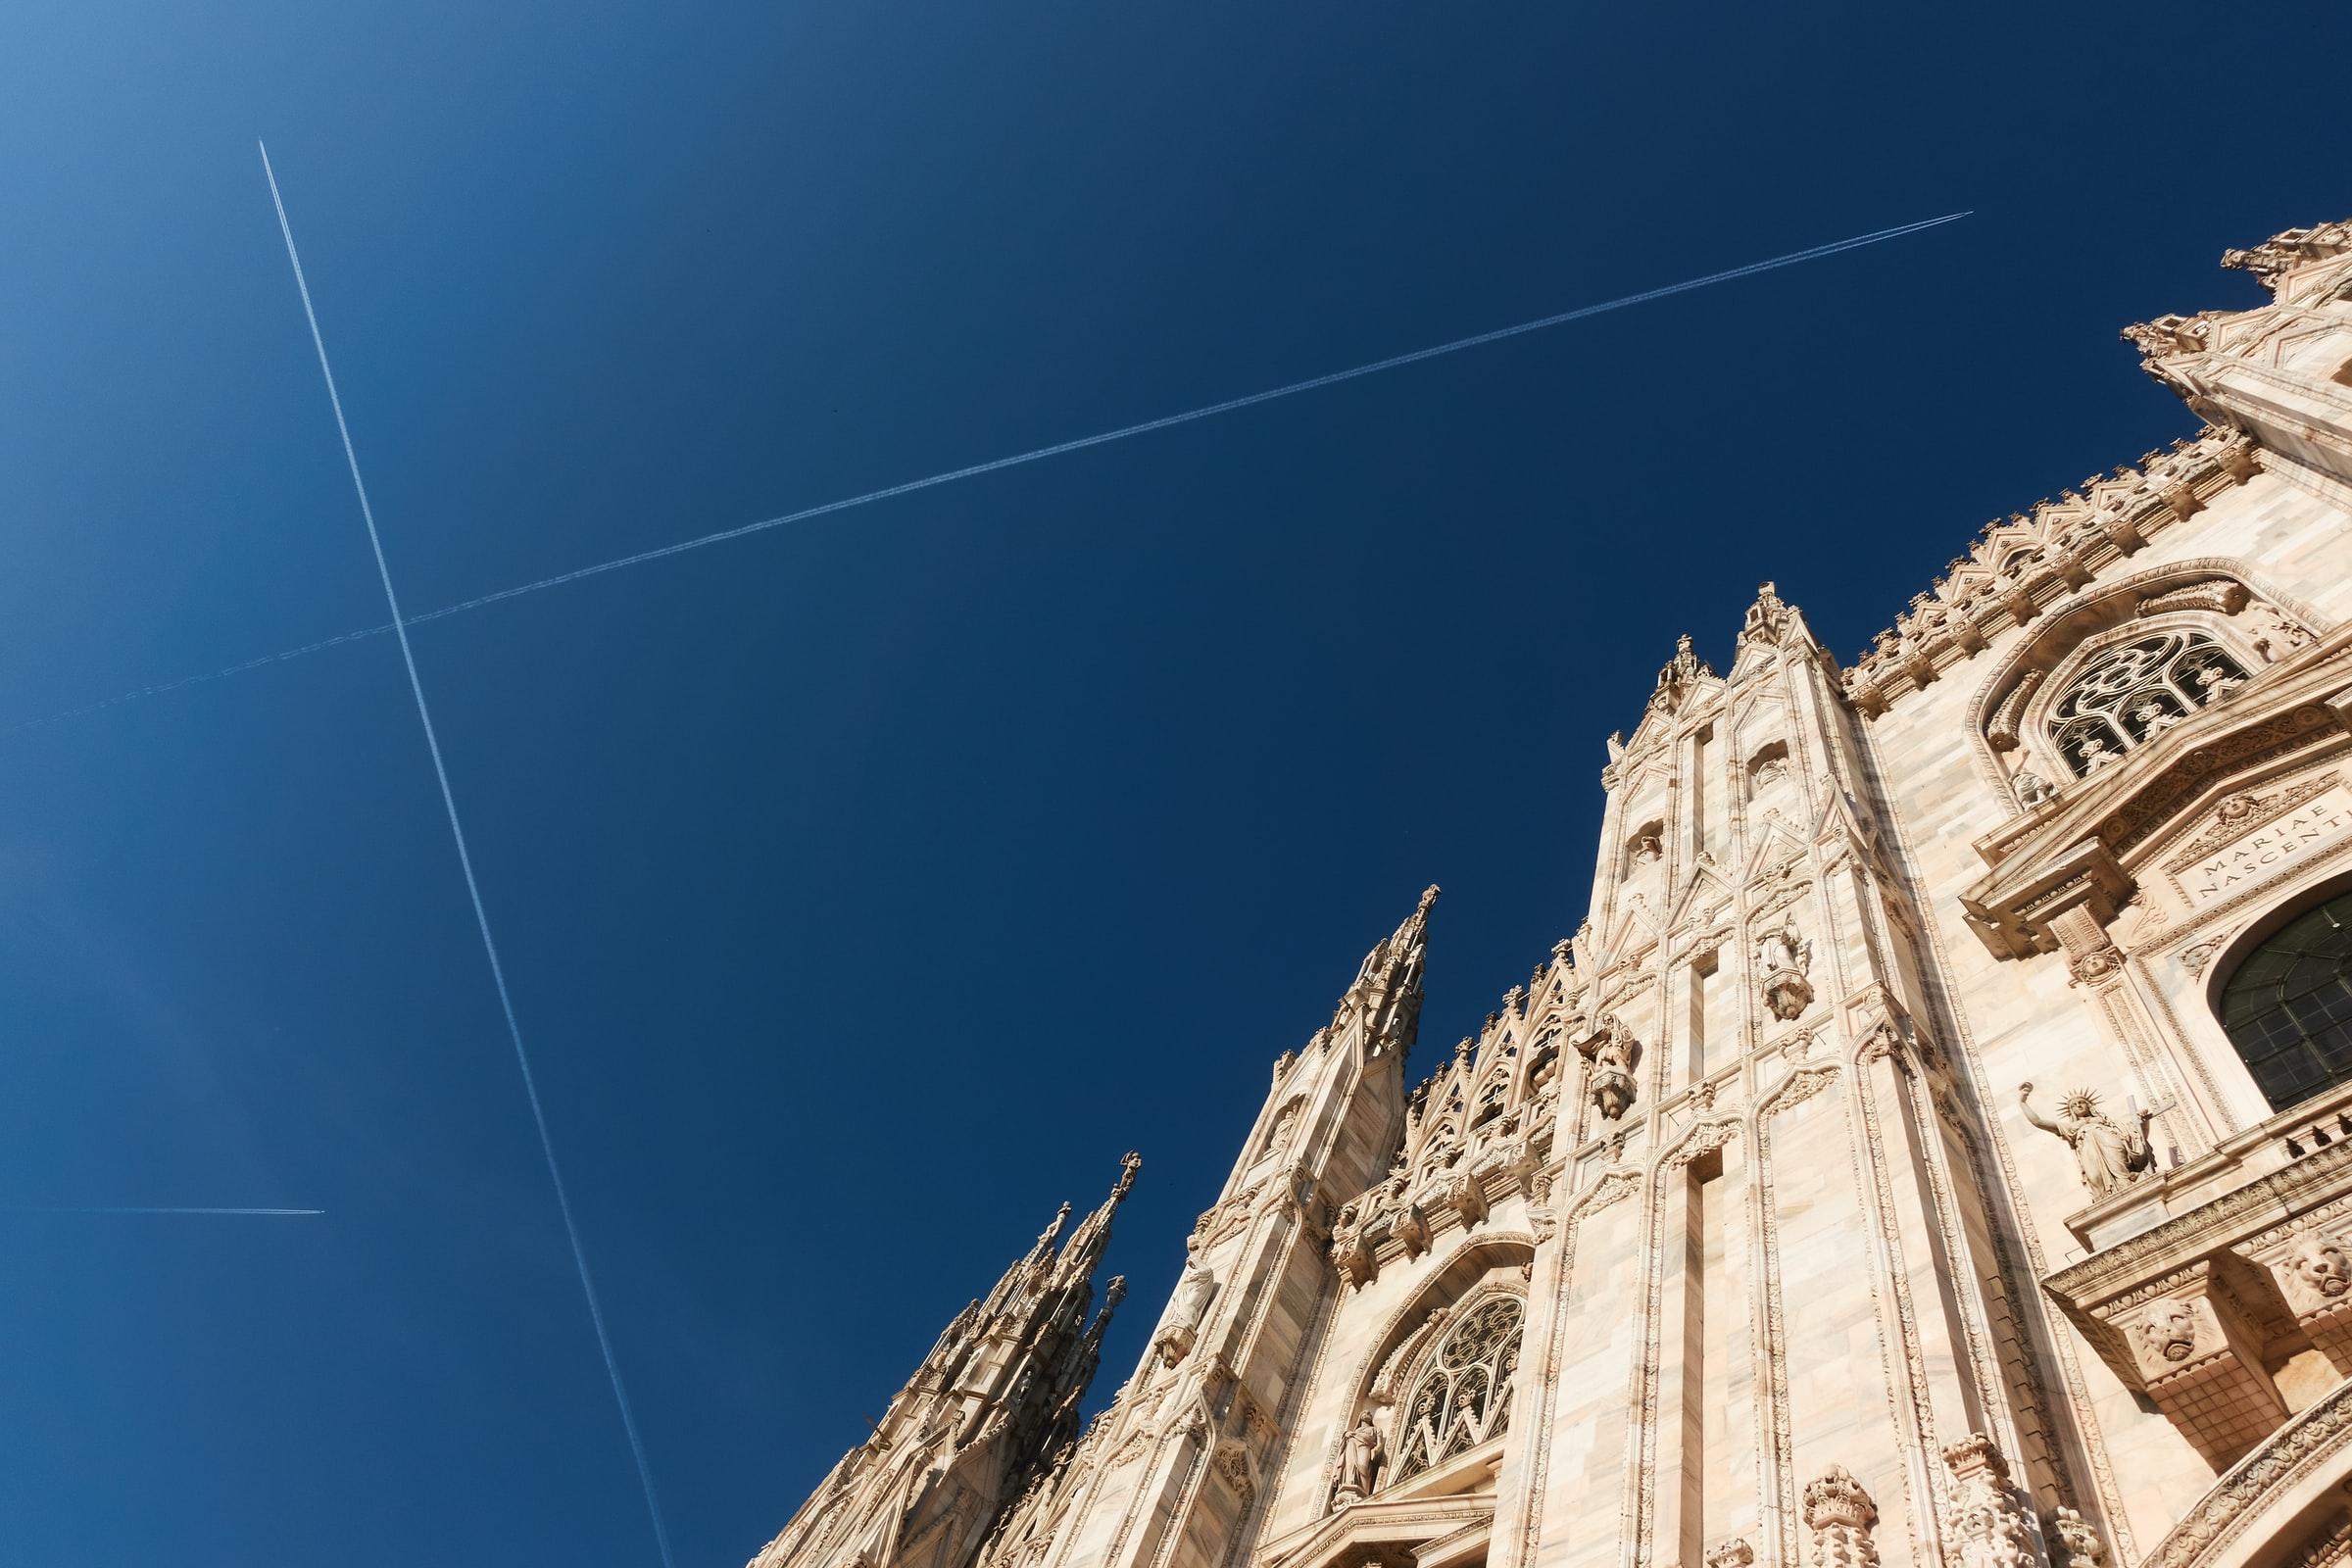 Fotografia di uno scorcio del Duomo di Milano